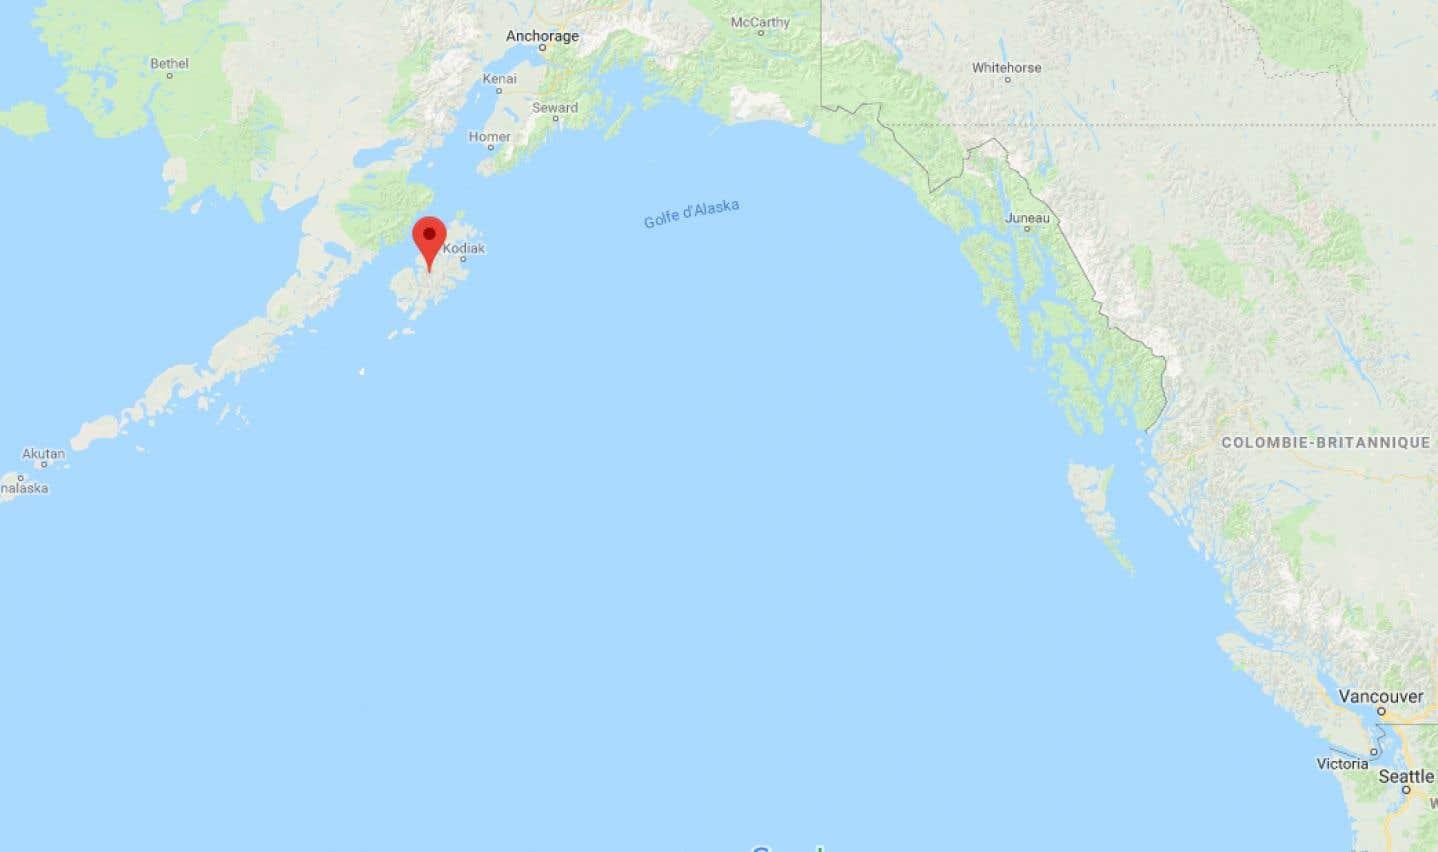 Le tremblement de terre s'est produit au large de l'île Kodiak, en Alaska.